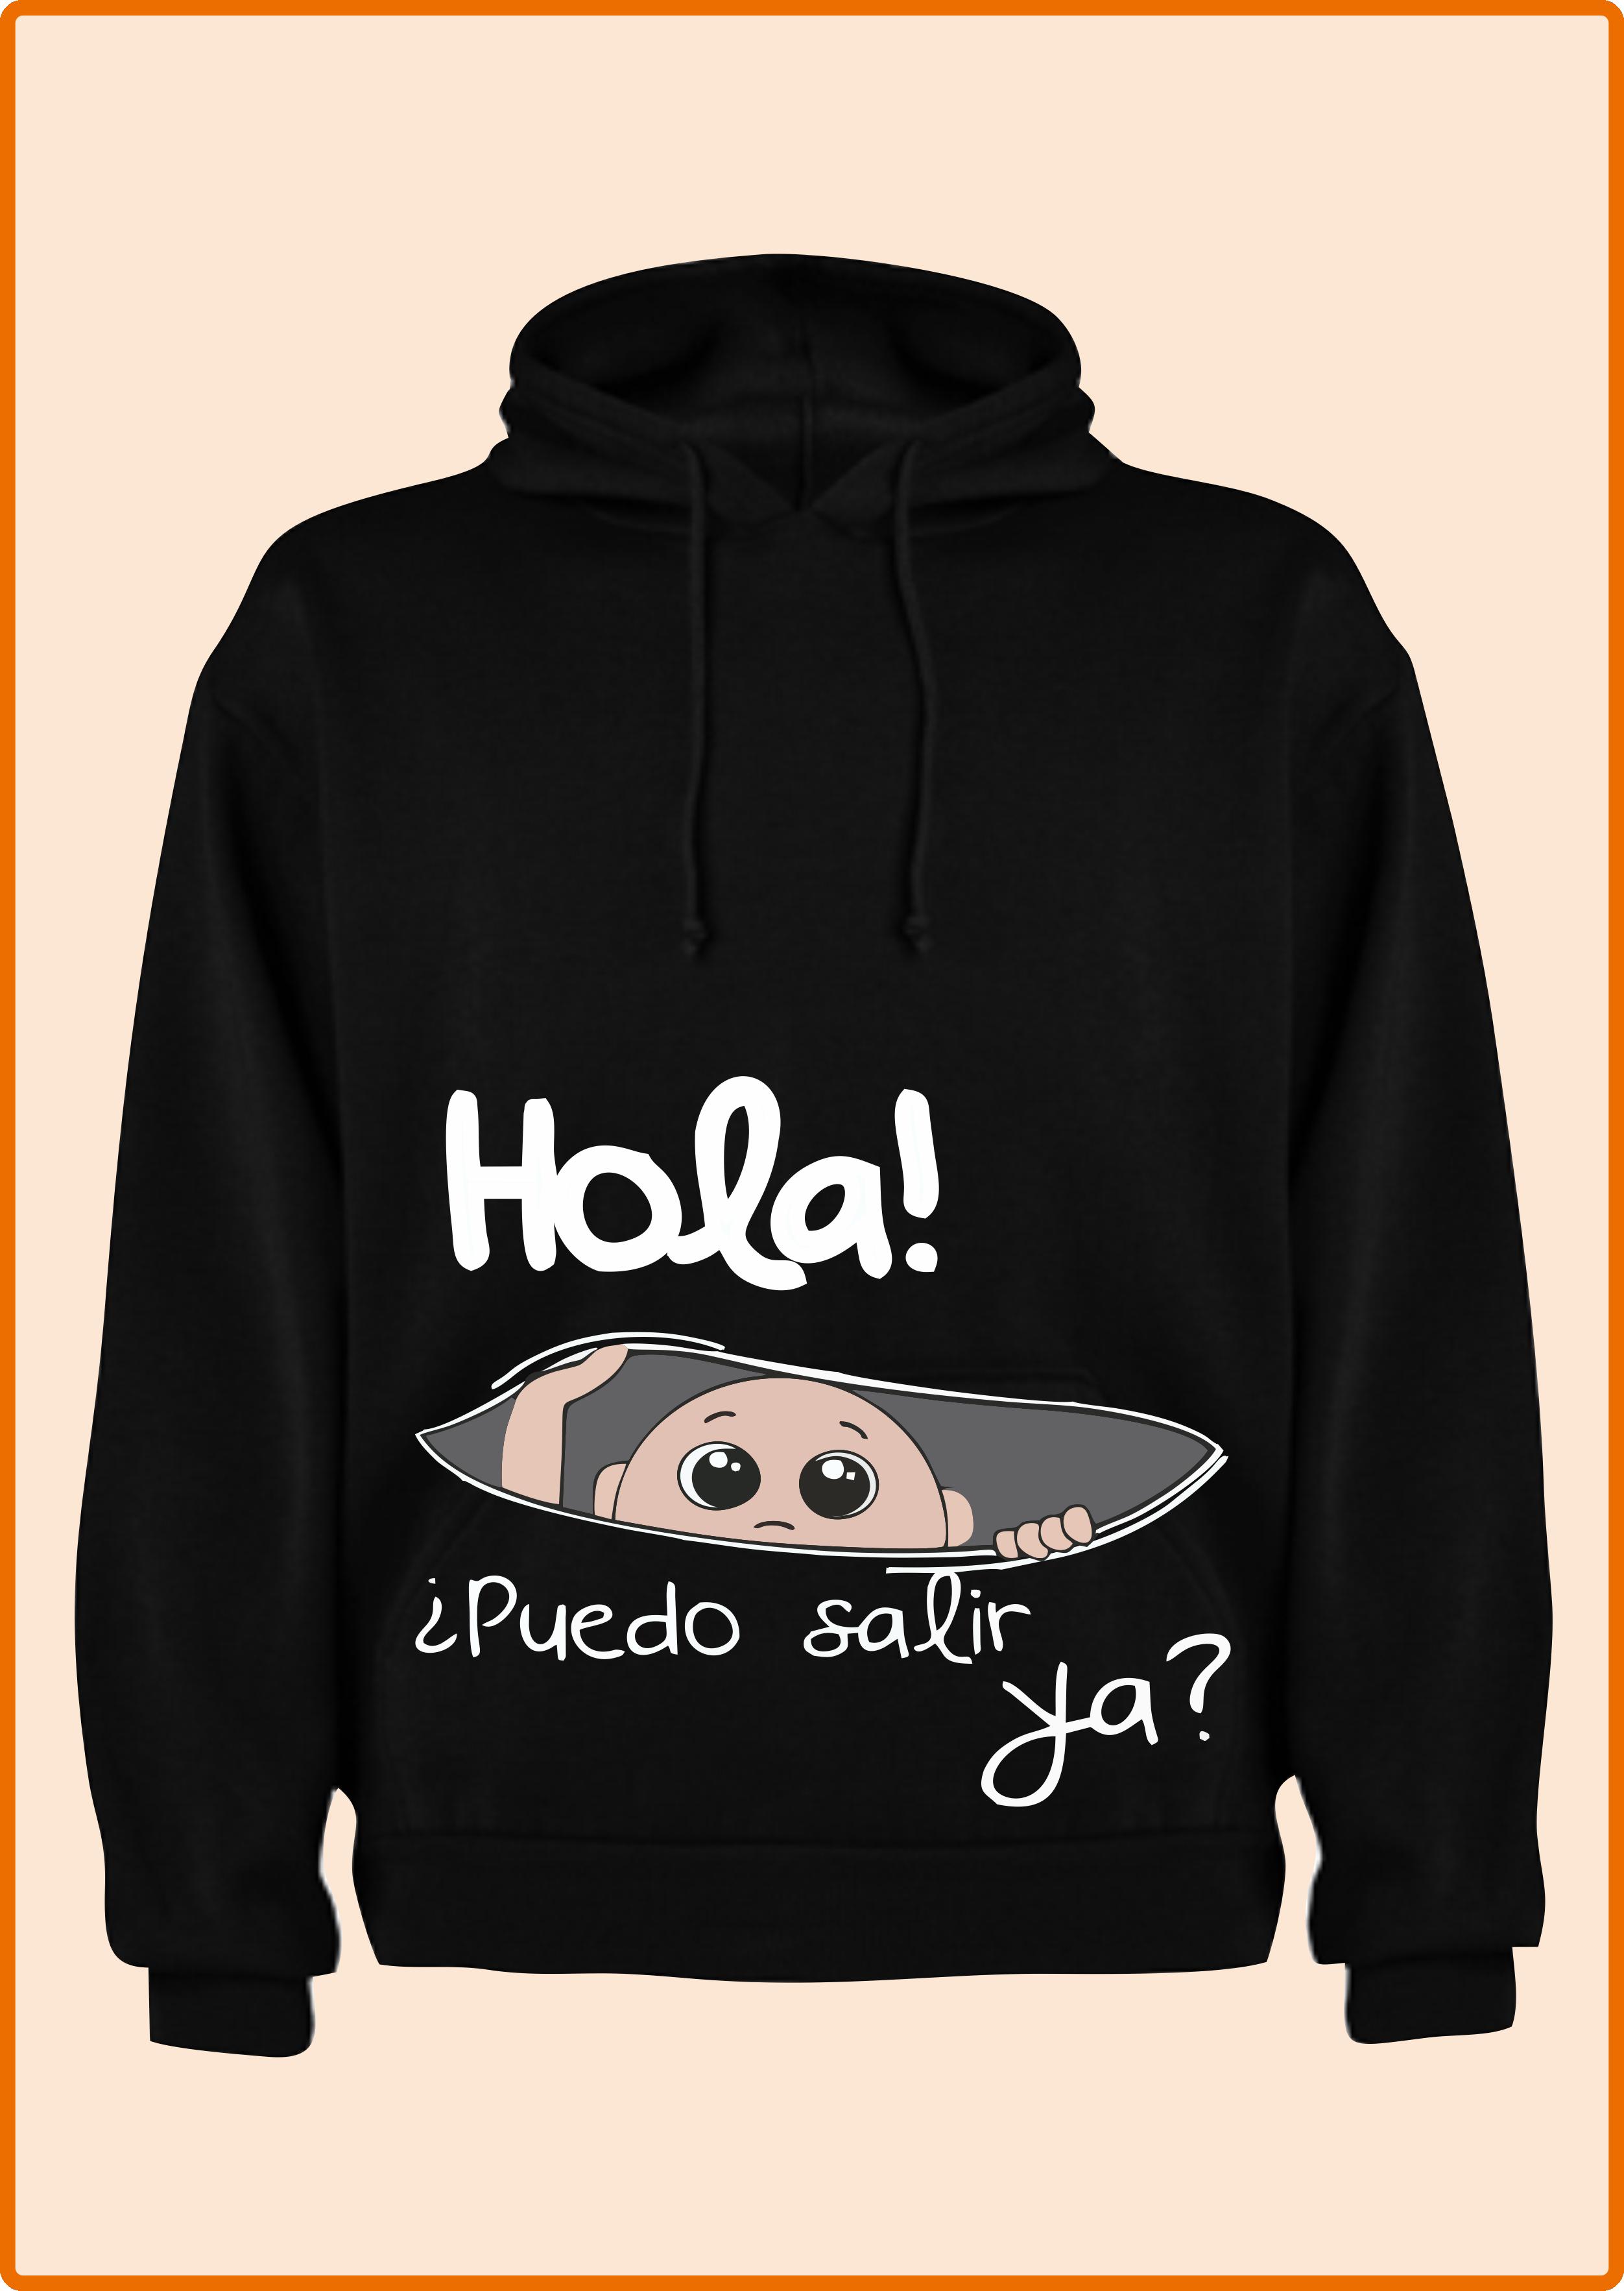 Sudadera Capucha Negra - Estampación de camisetas, sudaderas, equipaciones deportivas